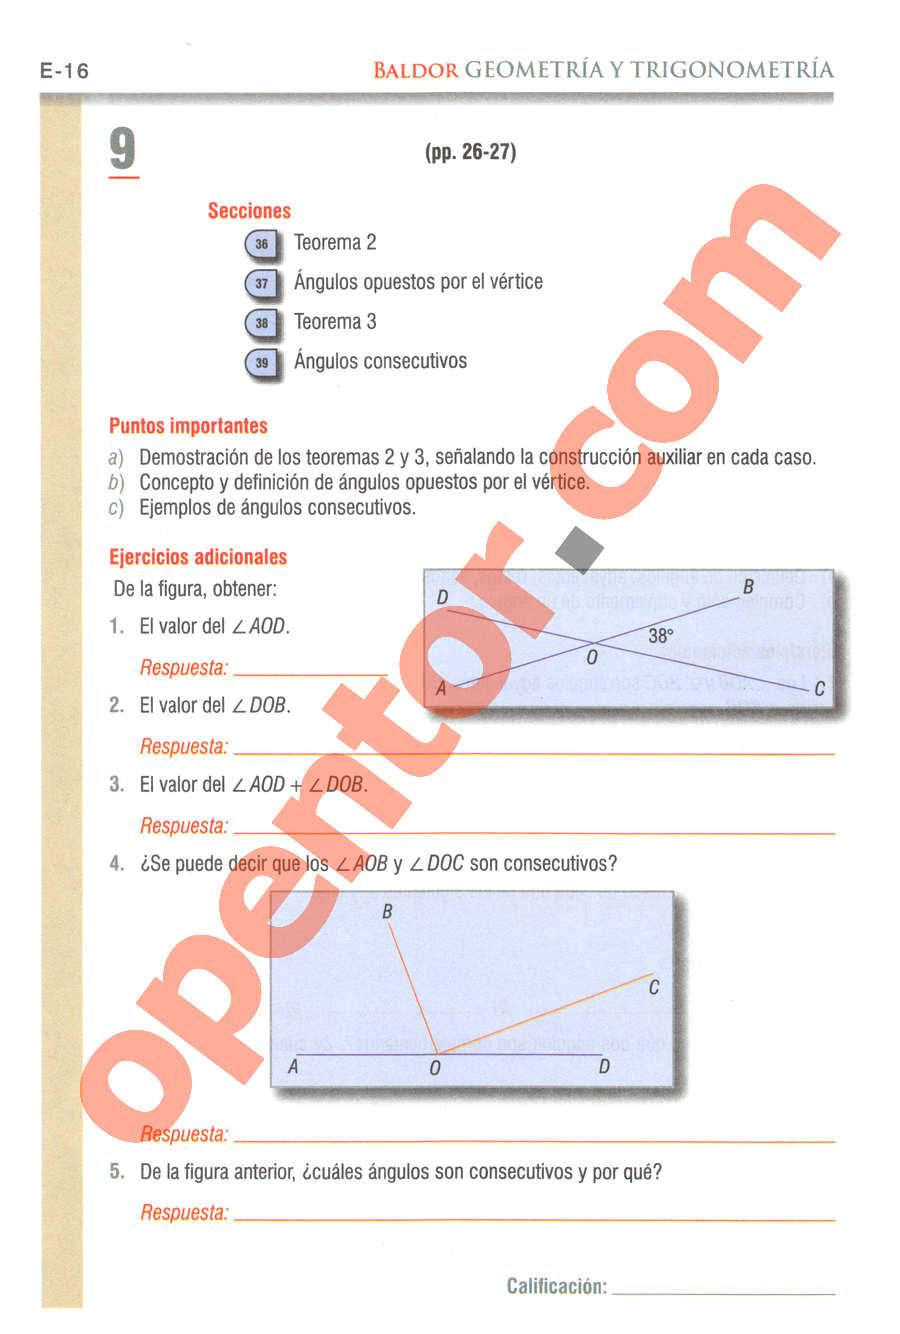 Geometría y Trigonometría de Baldor - Página E16